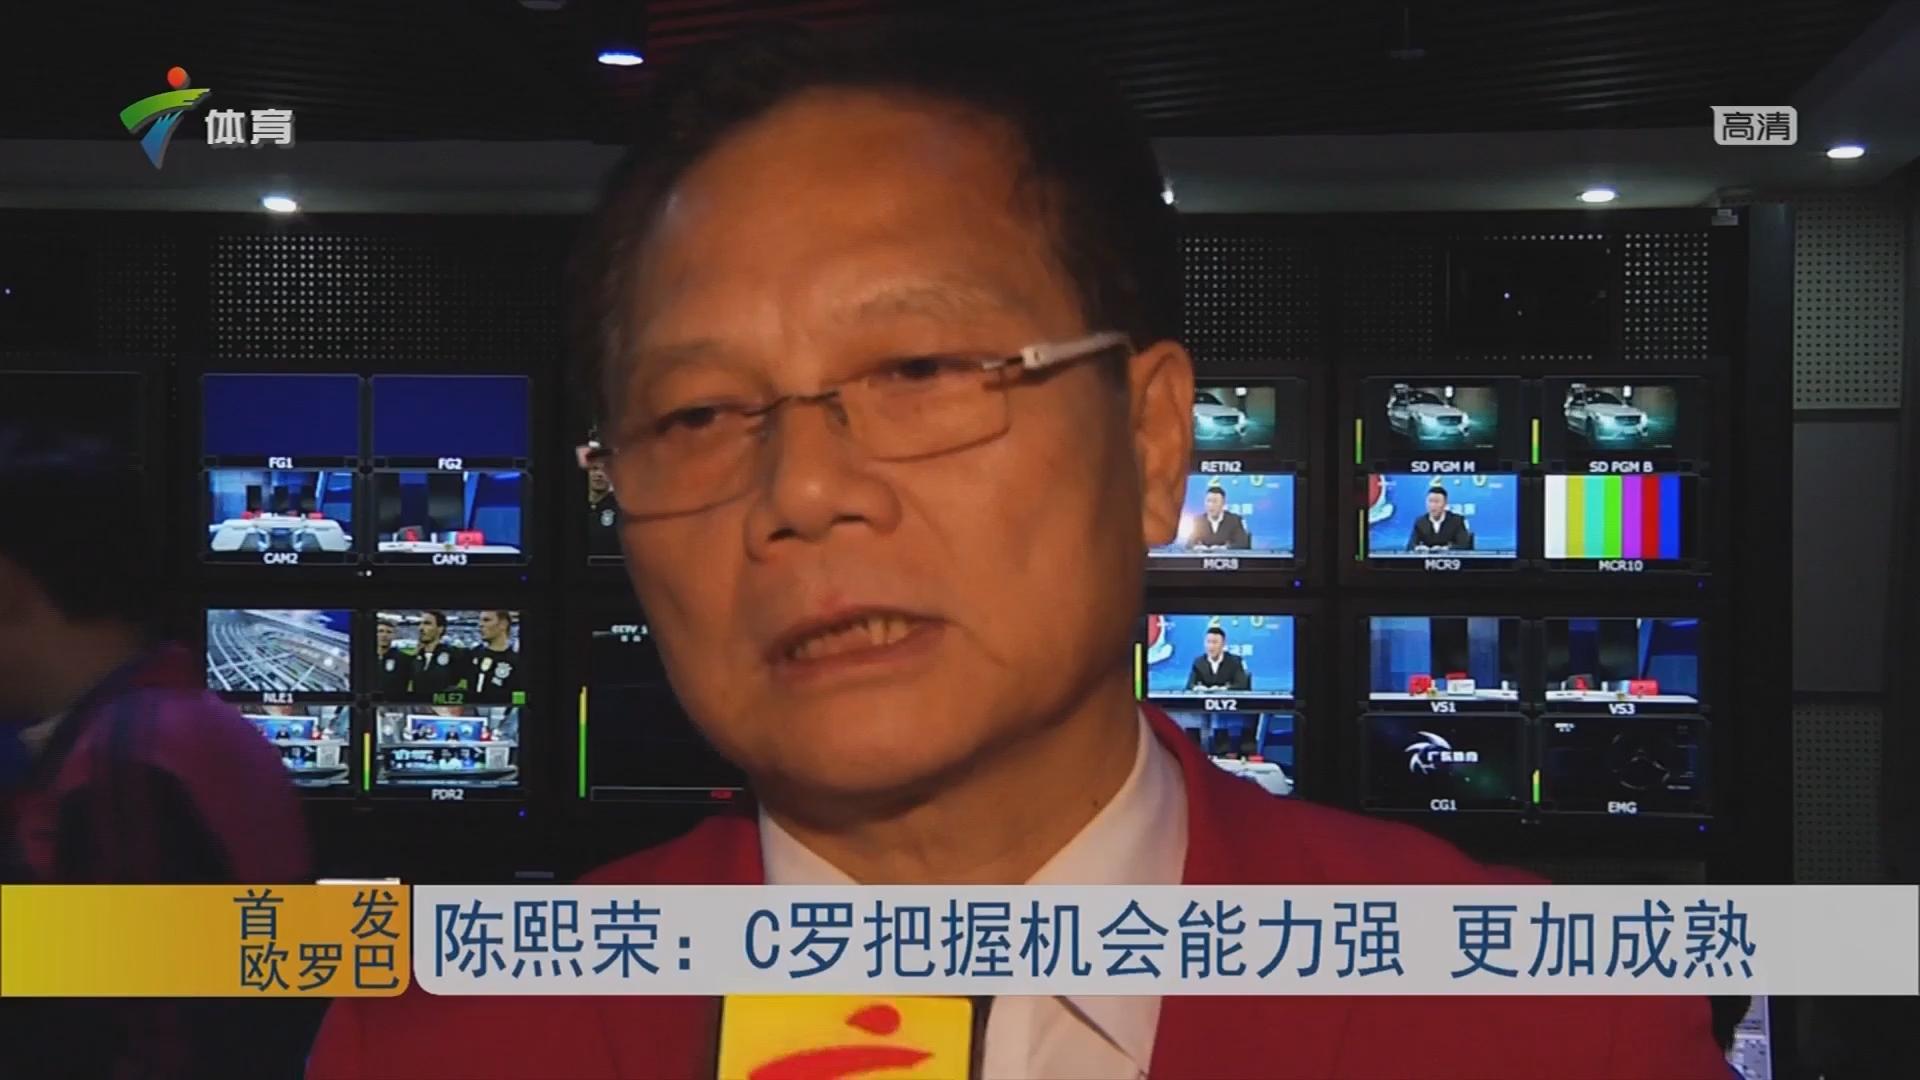 陈熙荣:C罗把握机会能力强 更加成熟